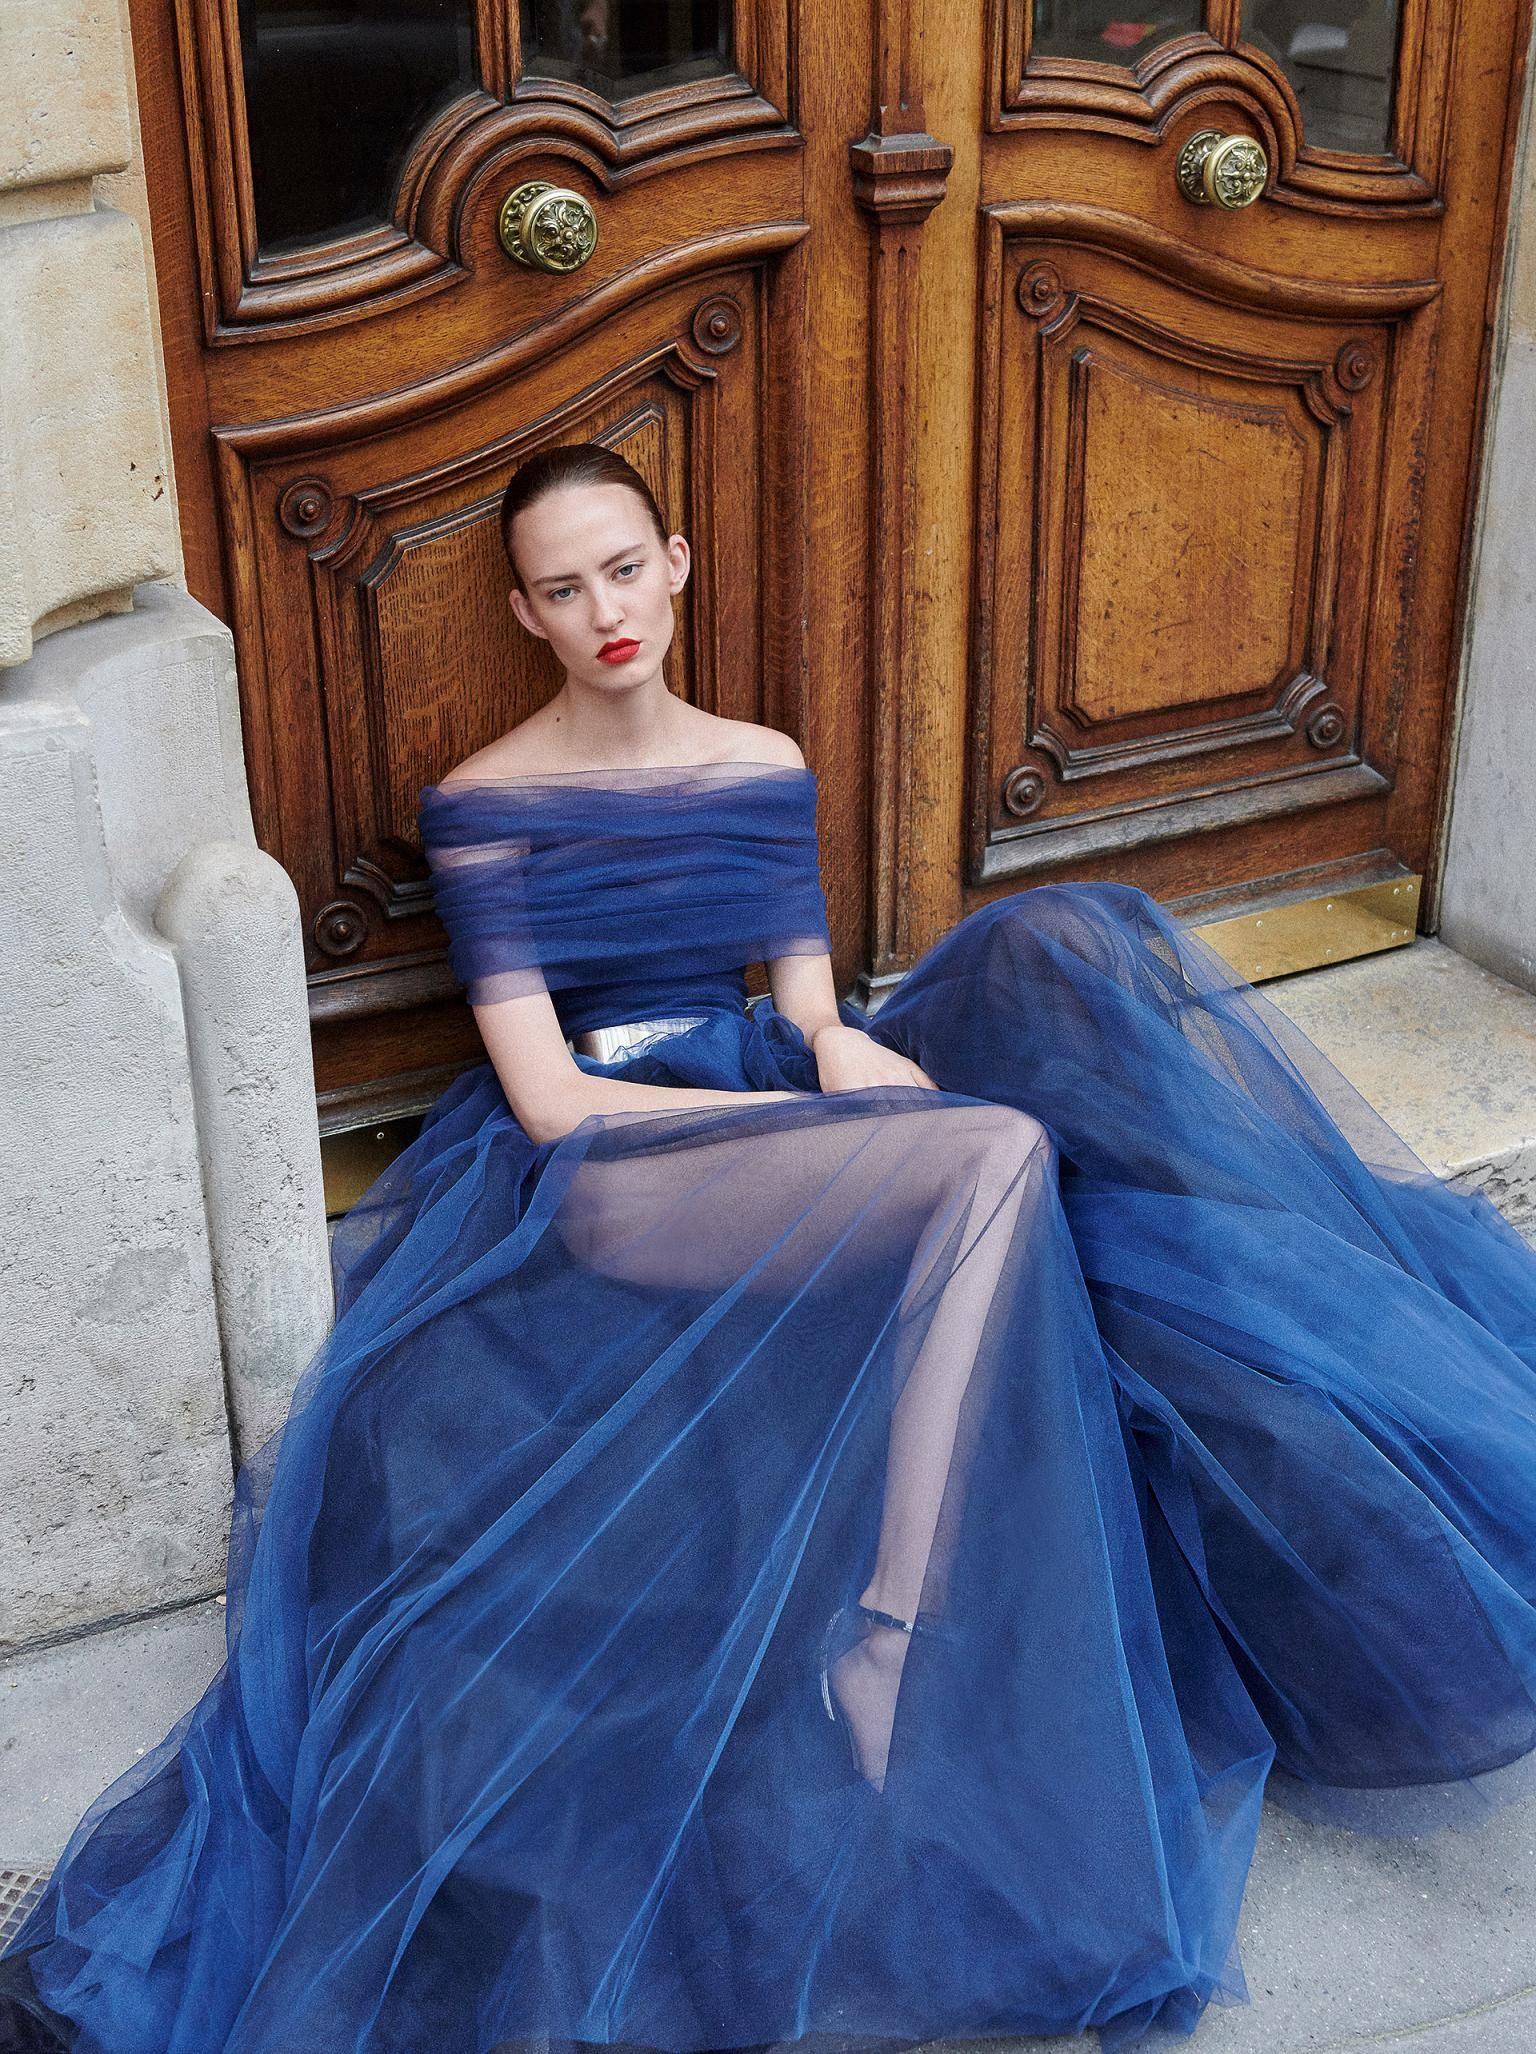 Queen Elizabeth I Galia Lahav Fashion Fashion Classy Editorial Fashion [ 2054 x 1536 Pixel ]